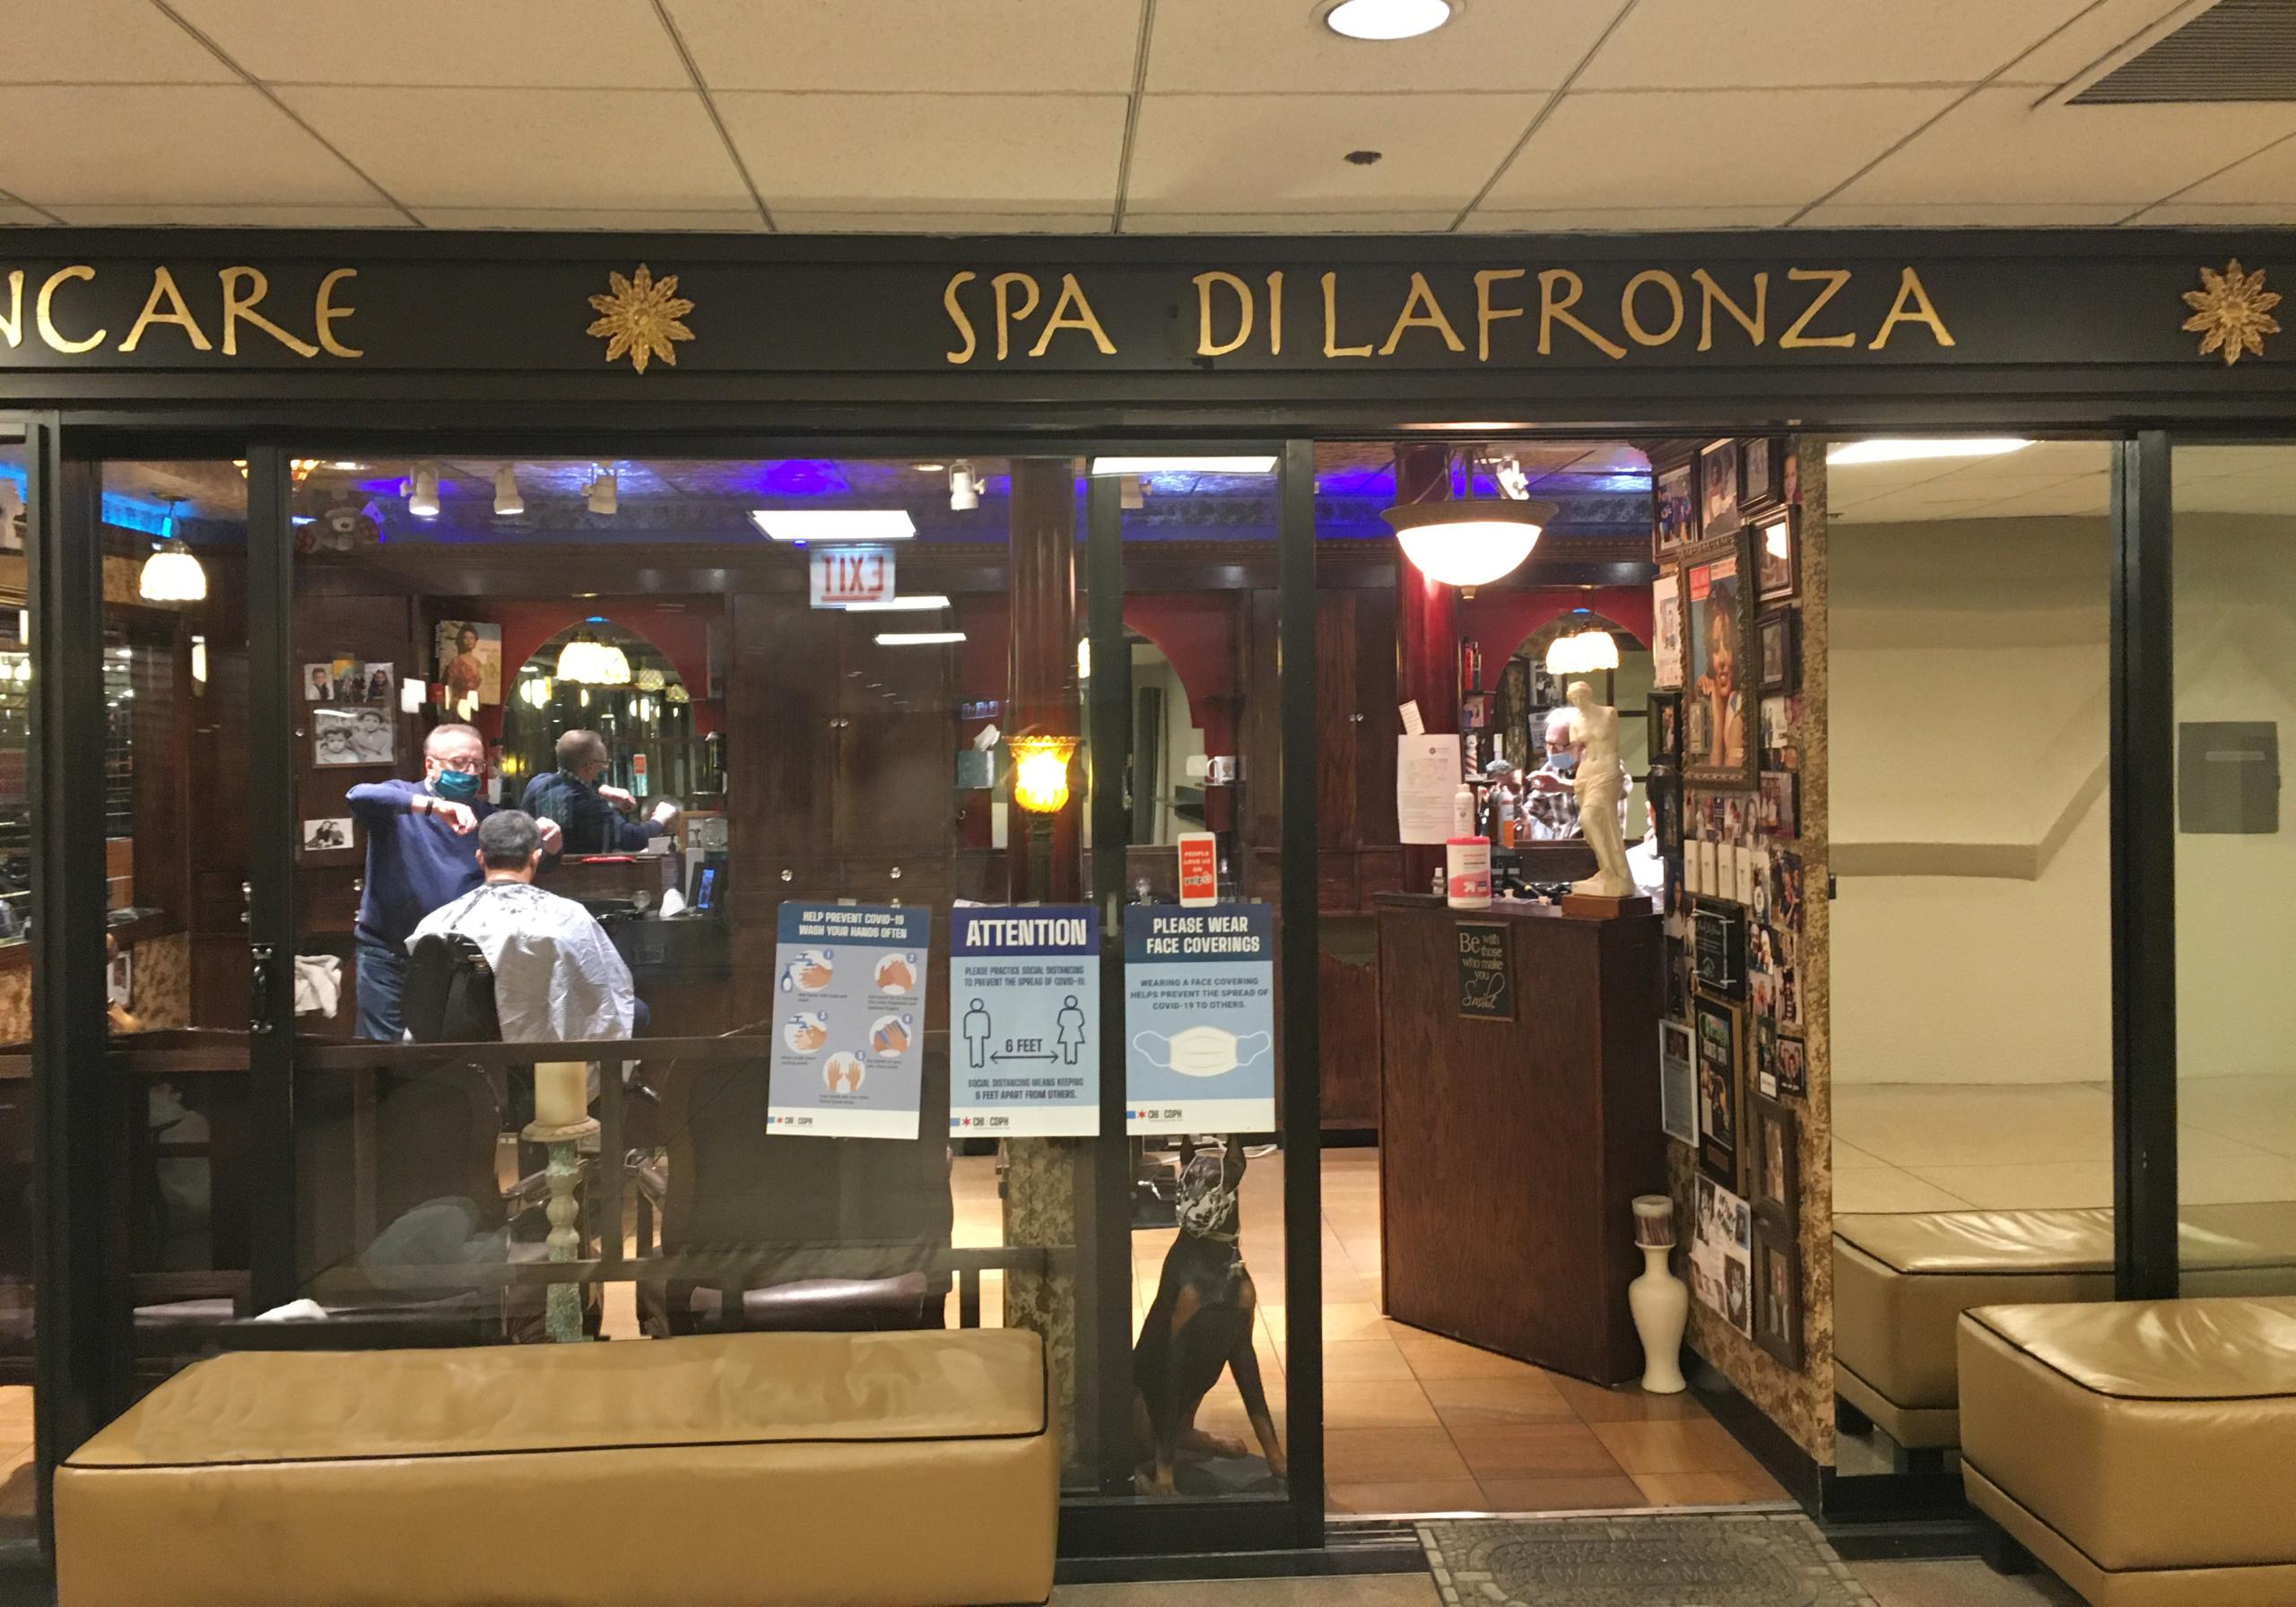 Spa Di La Fronza Salon